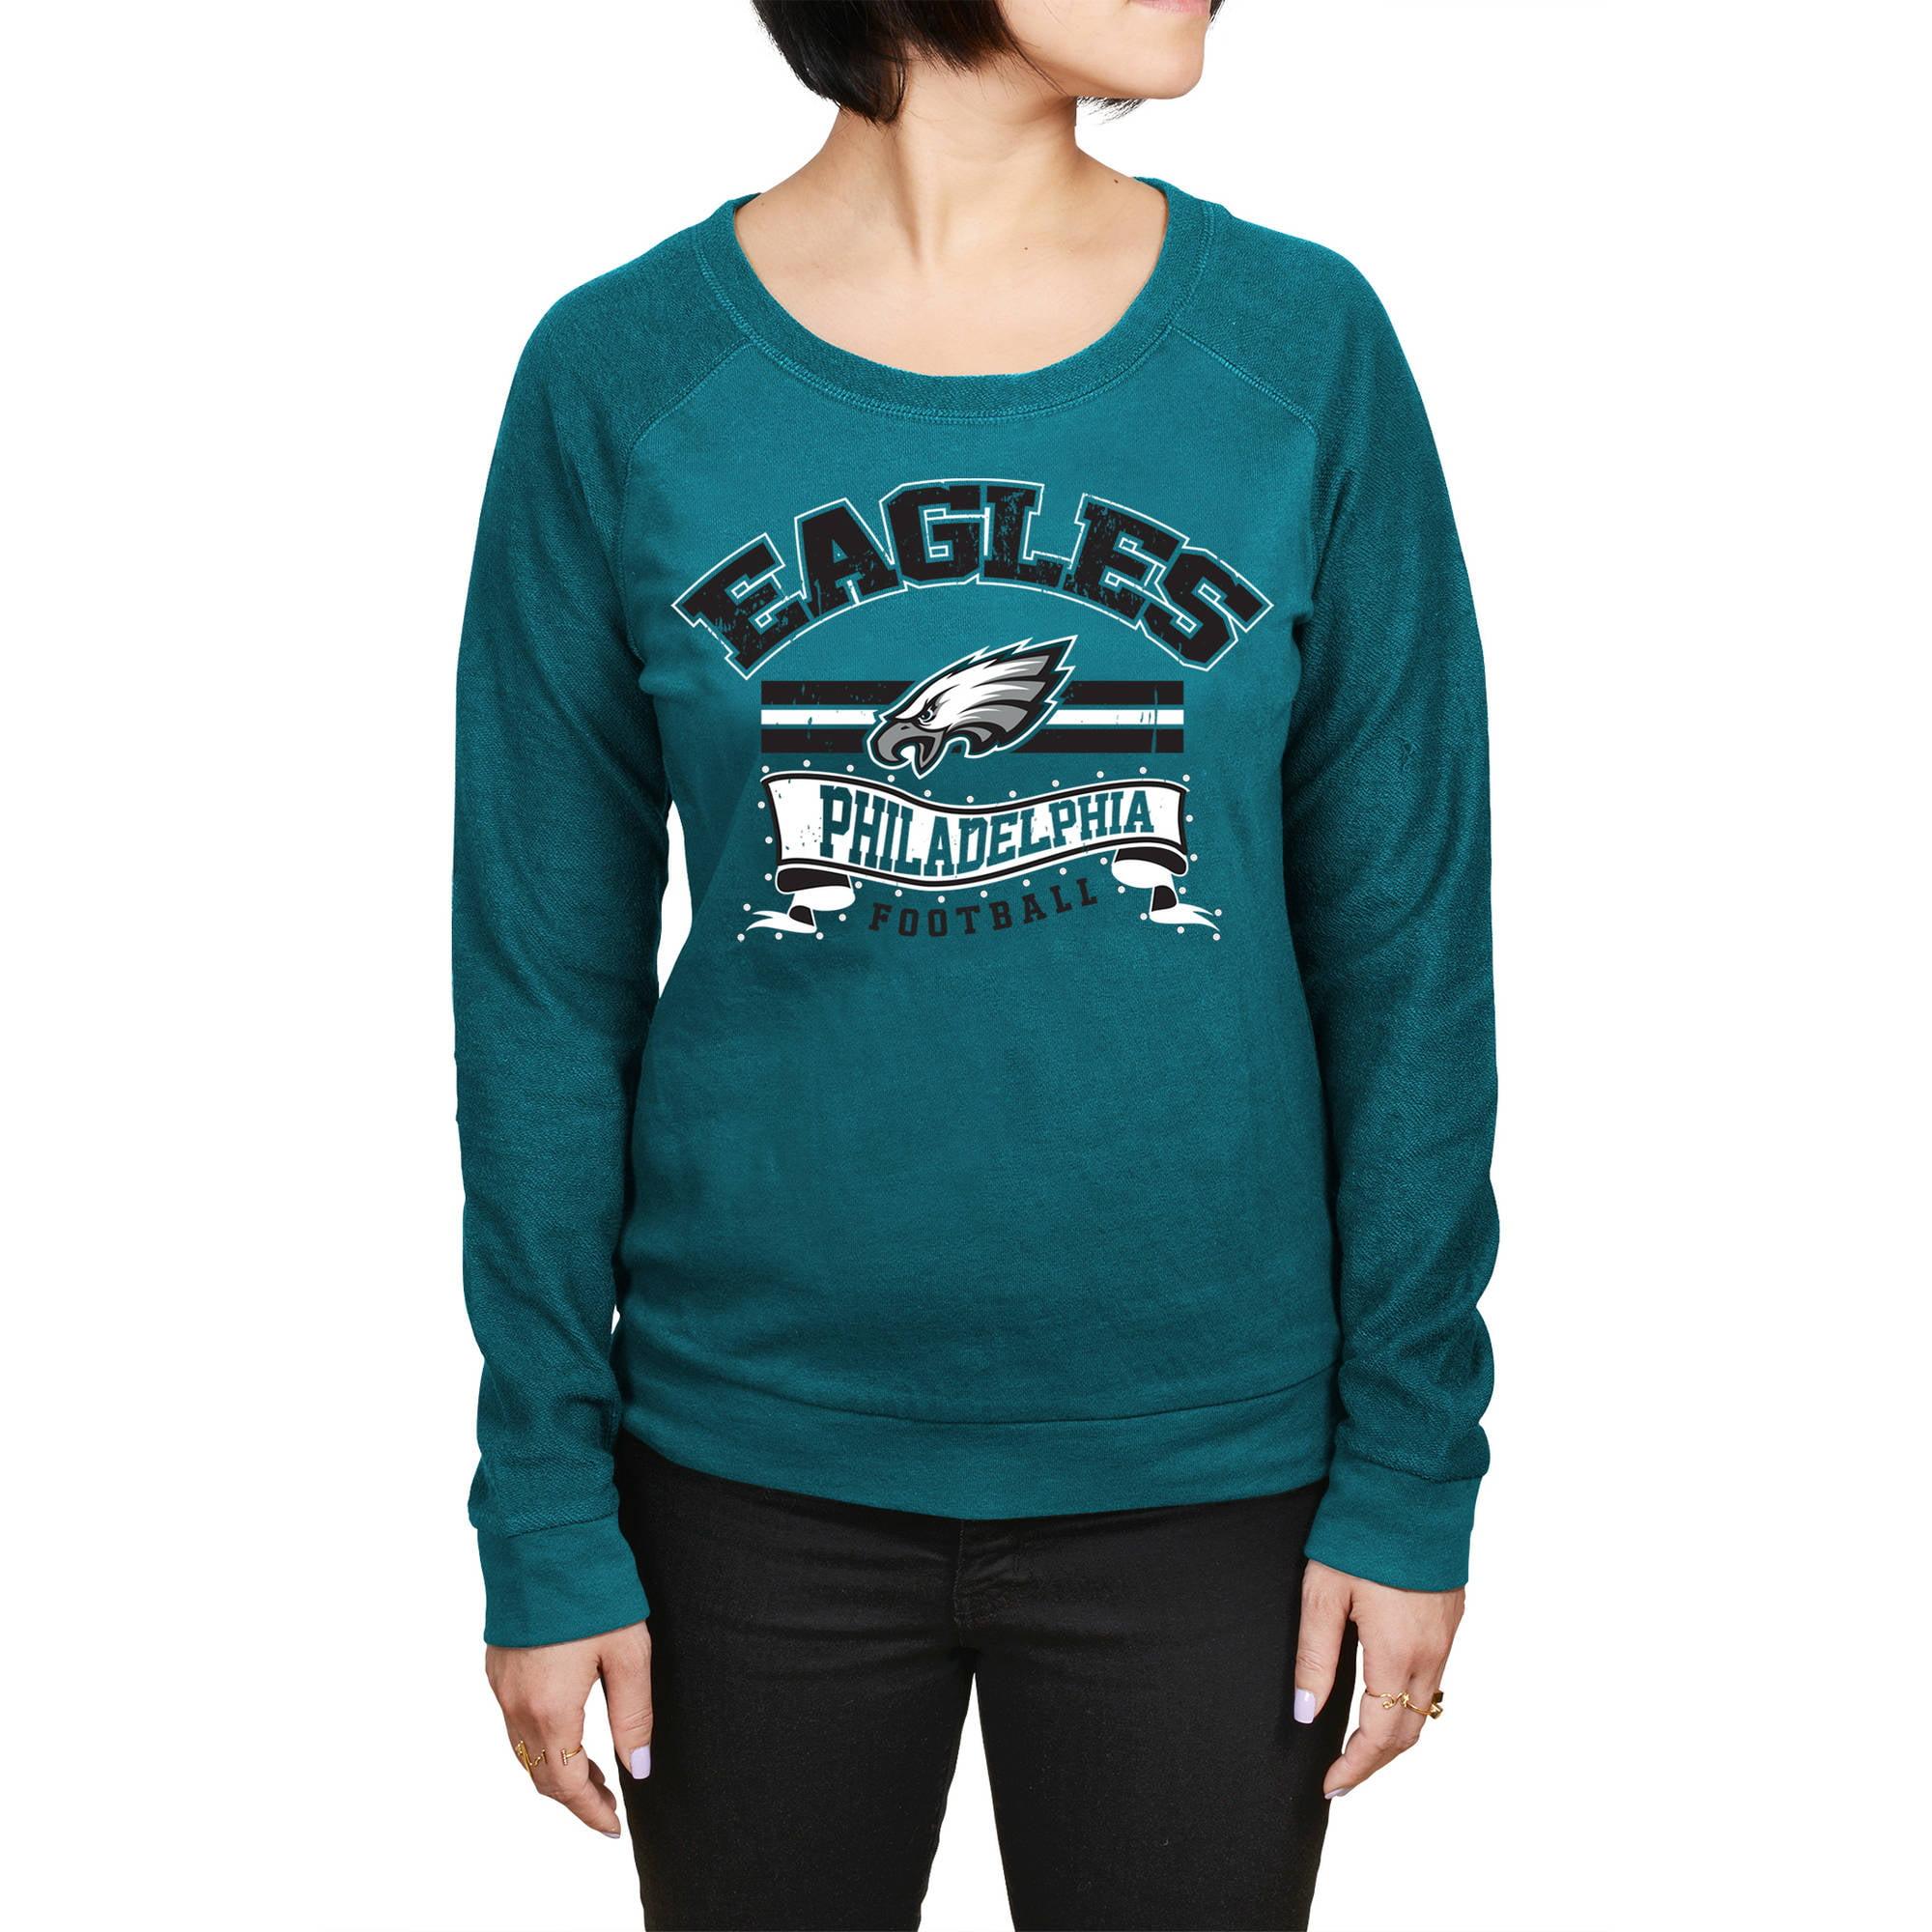 NFL Philadelphia Eagles Juniors Fleece Top